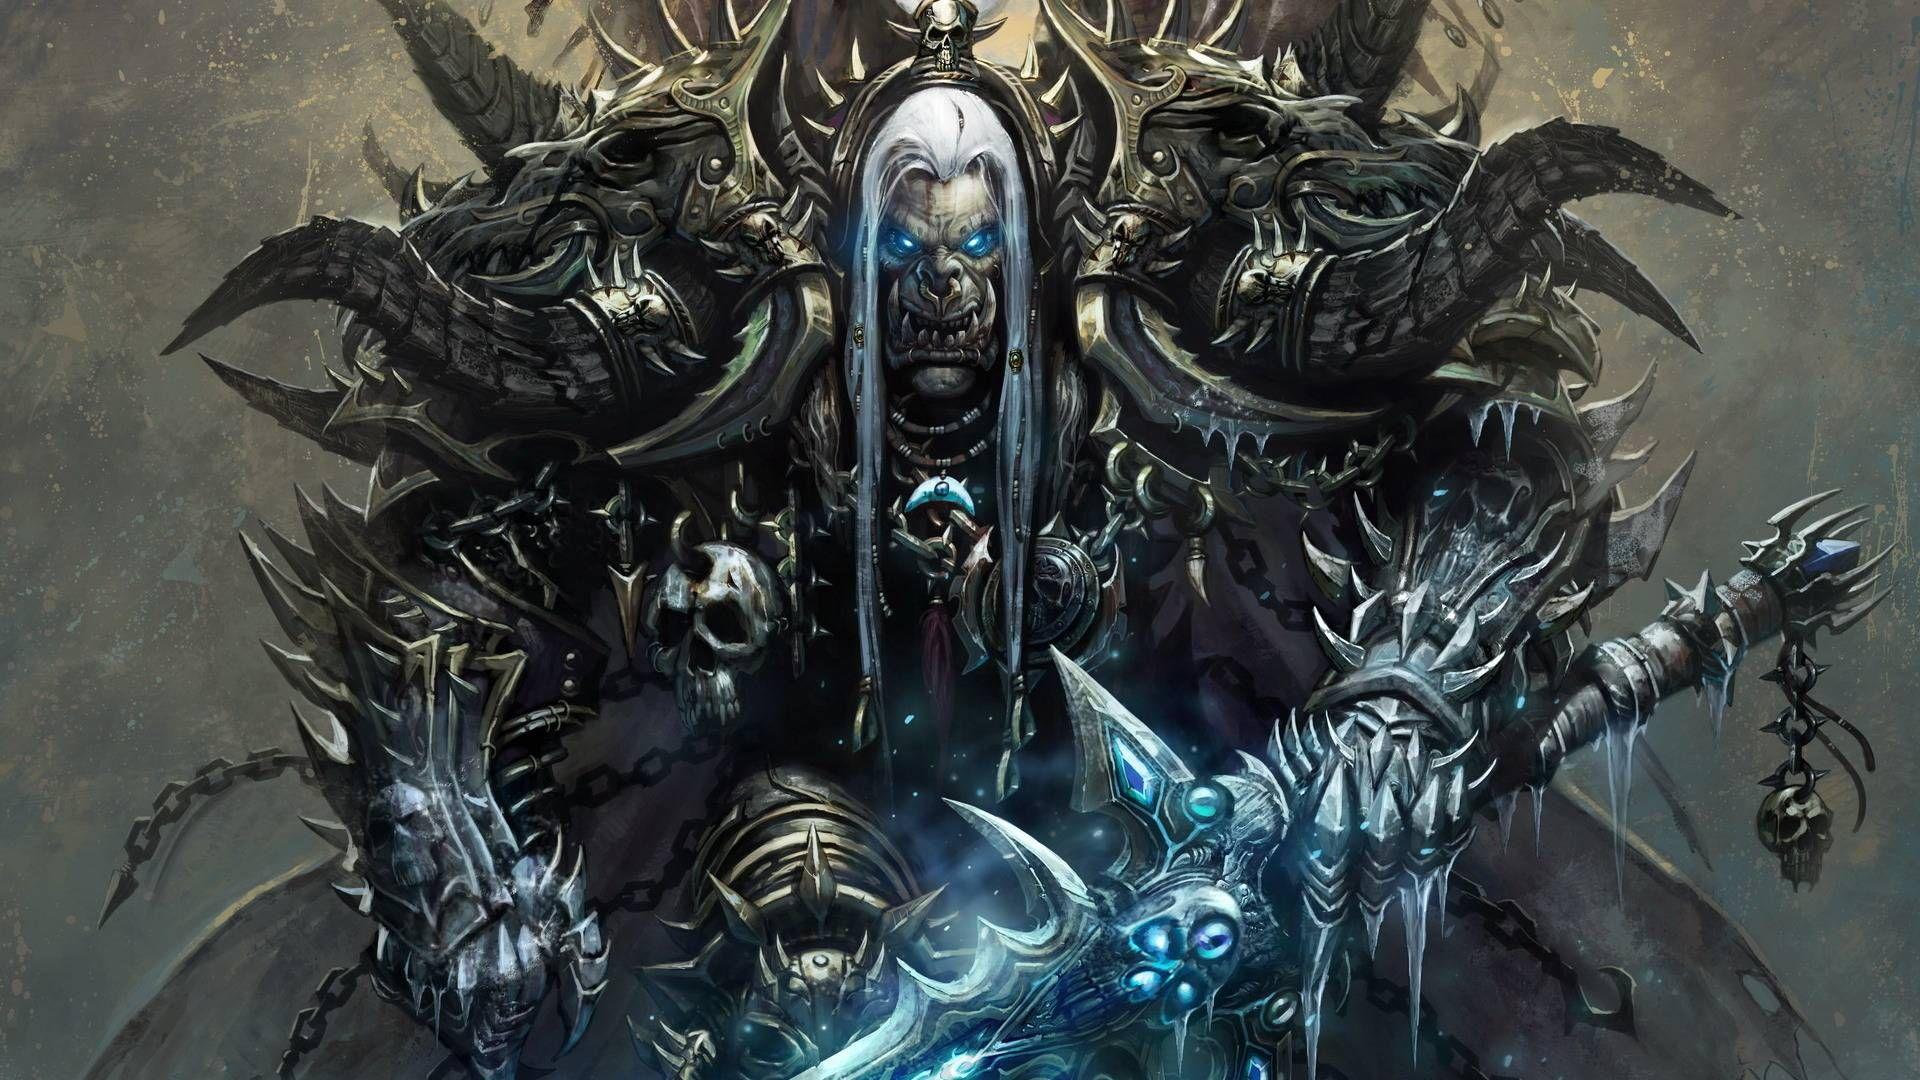 World Of Warcraft Wallpaper Hd Wallpapers World Of Warcraft World Of Warcraft Wallpaper Warcraft Art